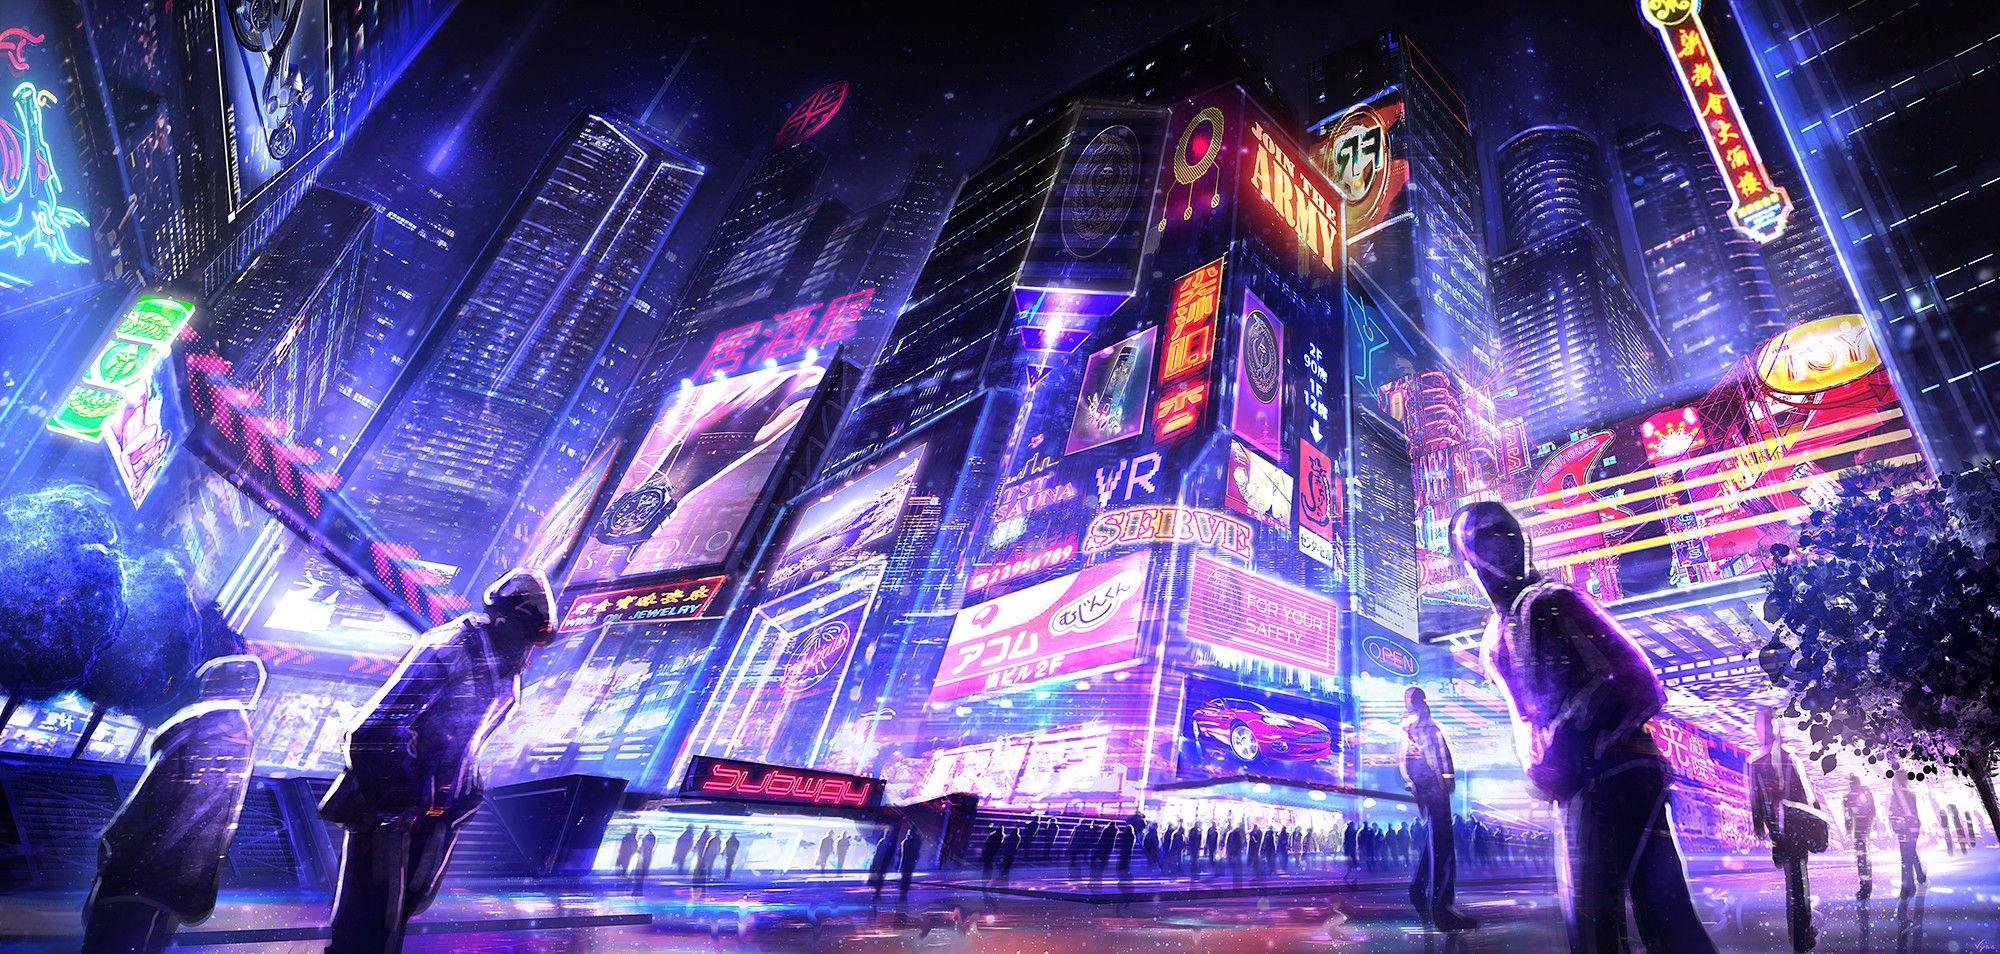 General 2000x954 cyberpunk futuristic neon Cyberpunk